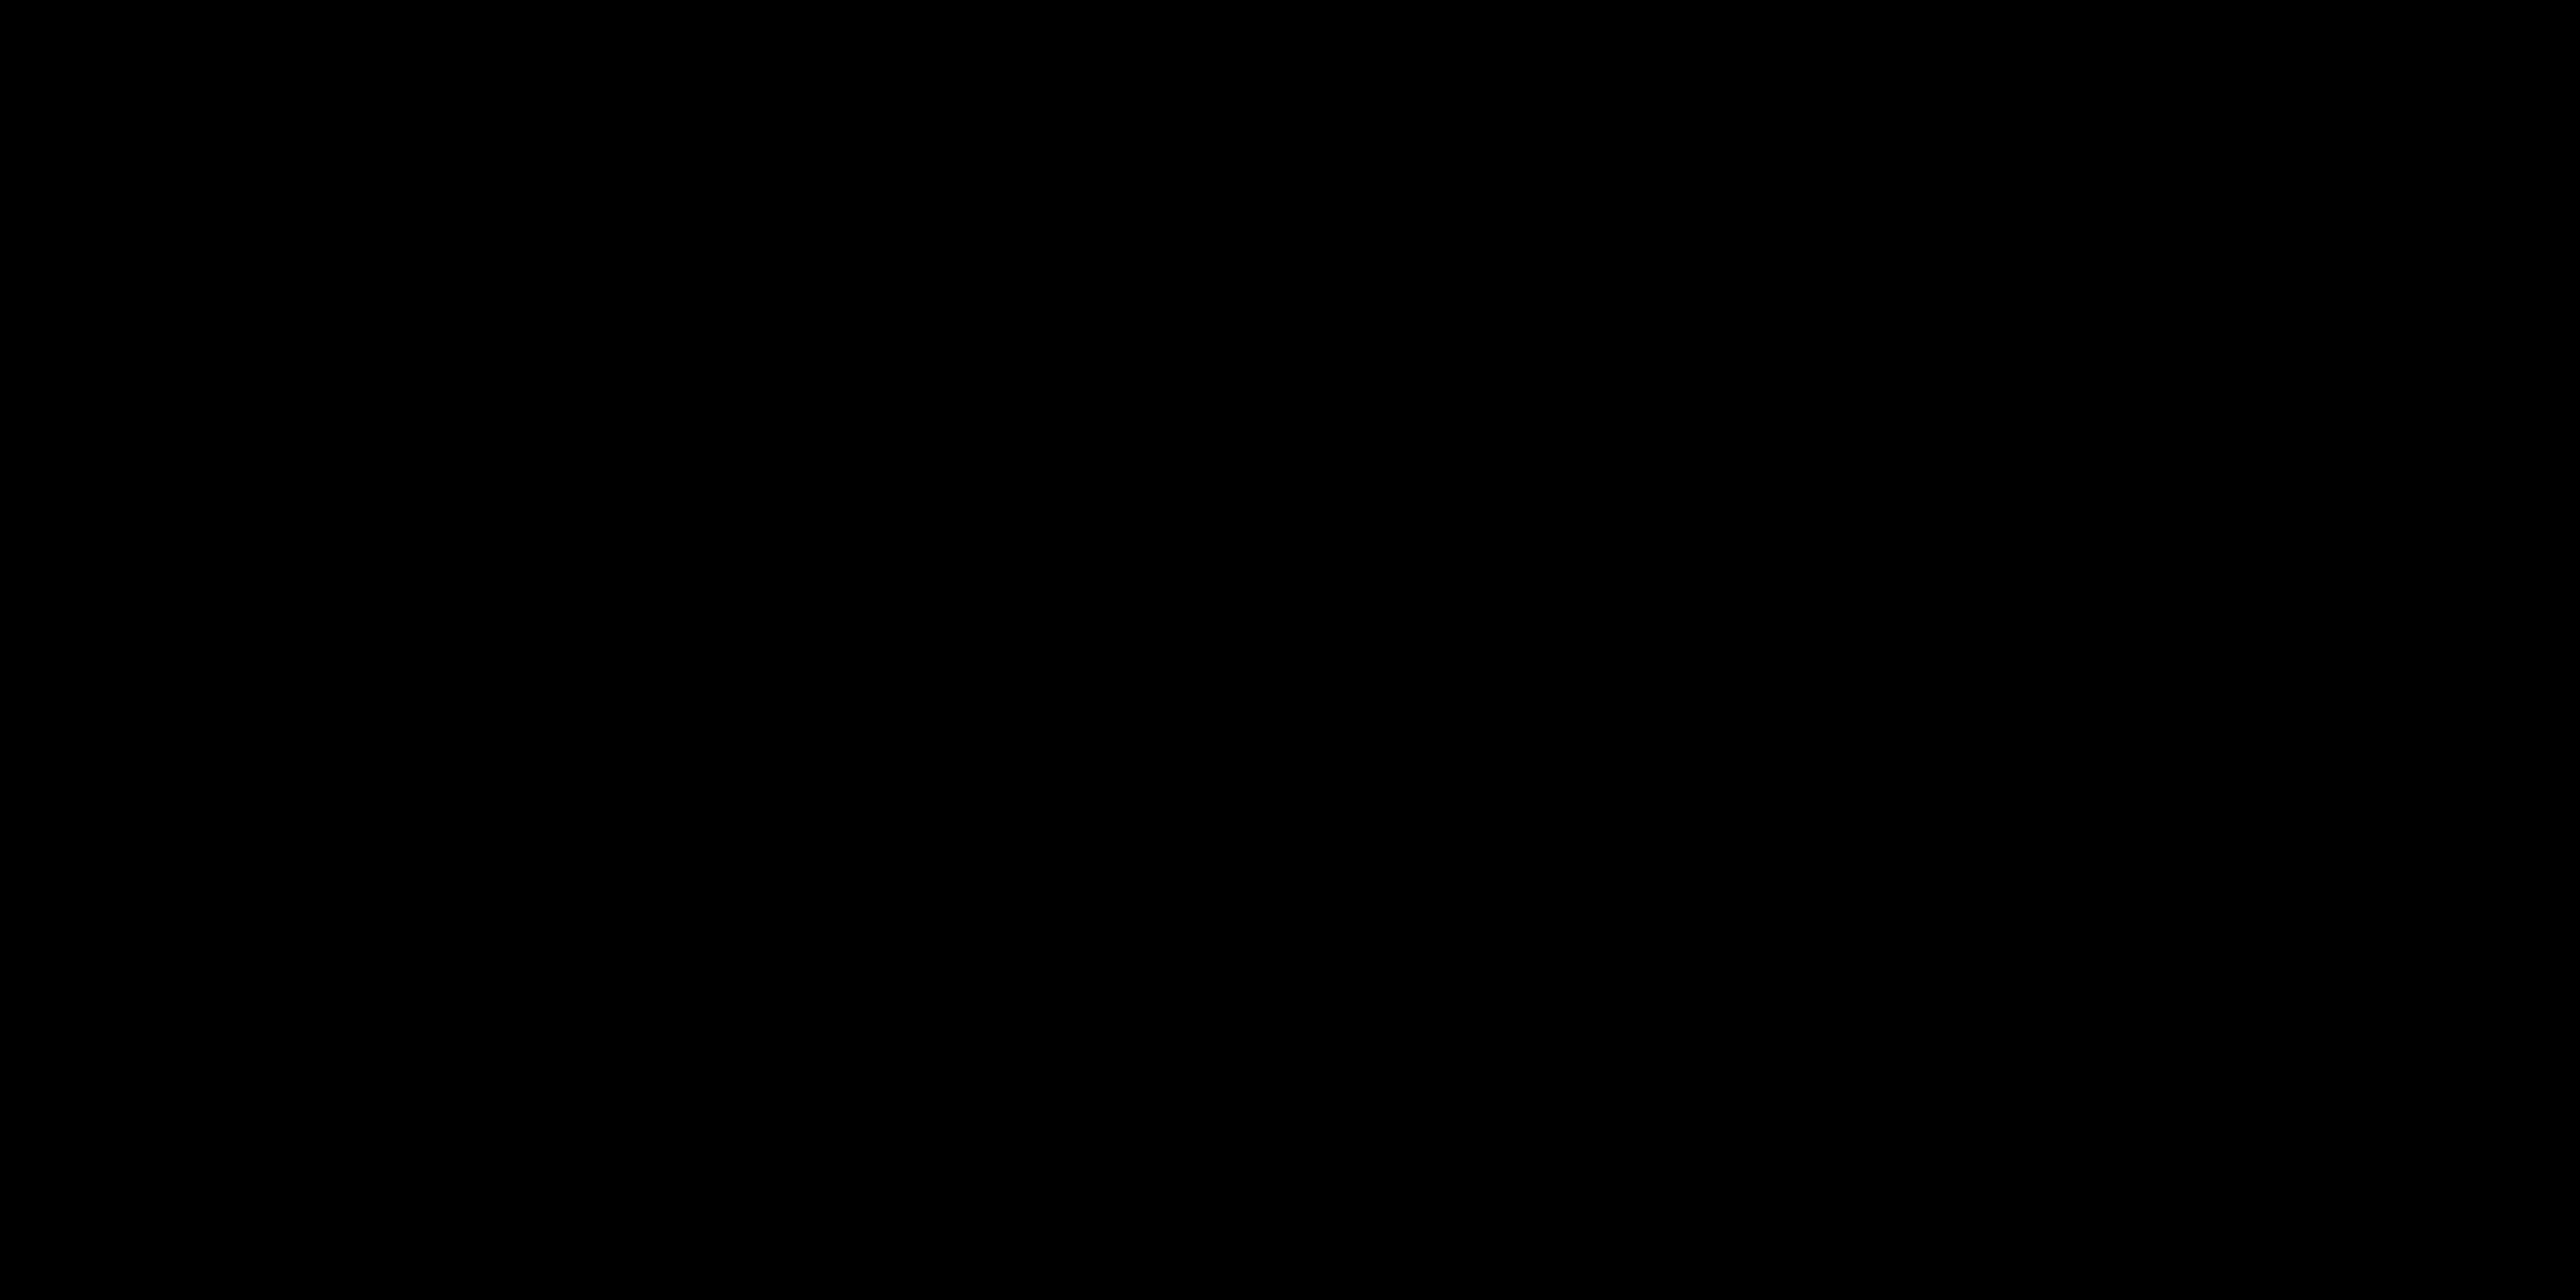 engineering schools online